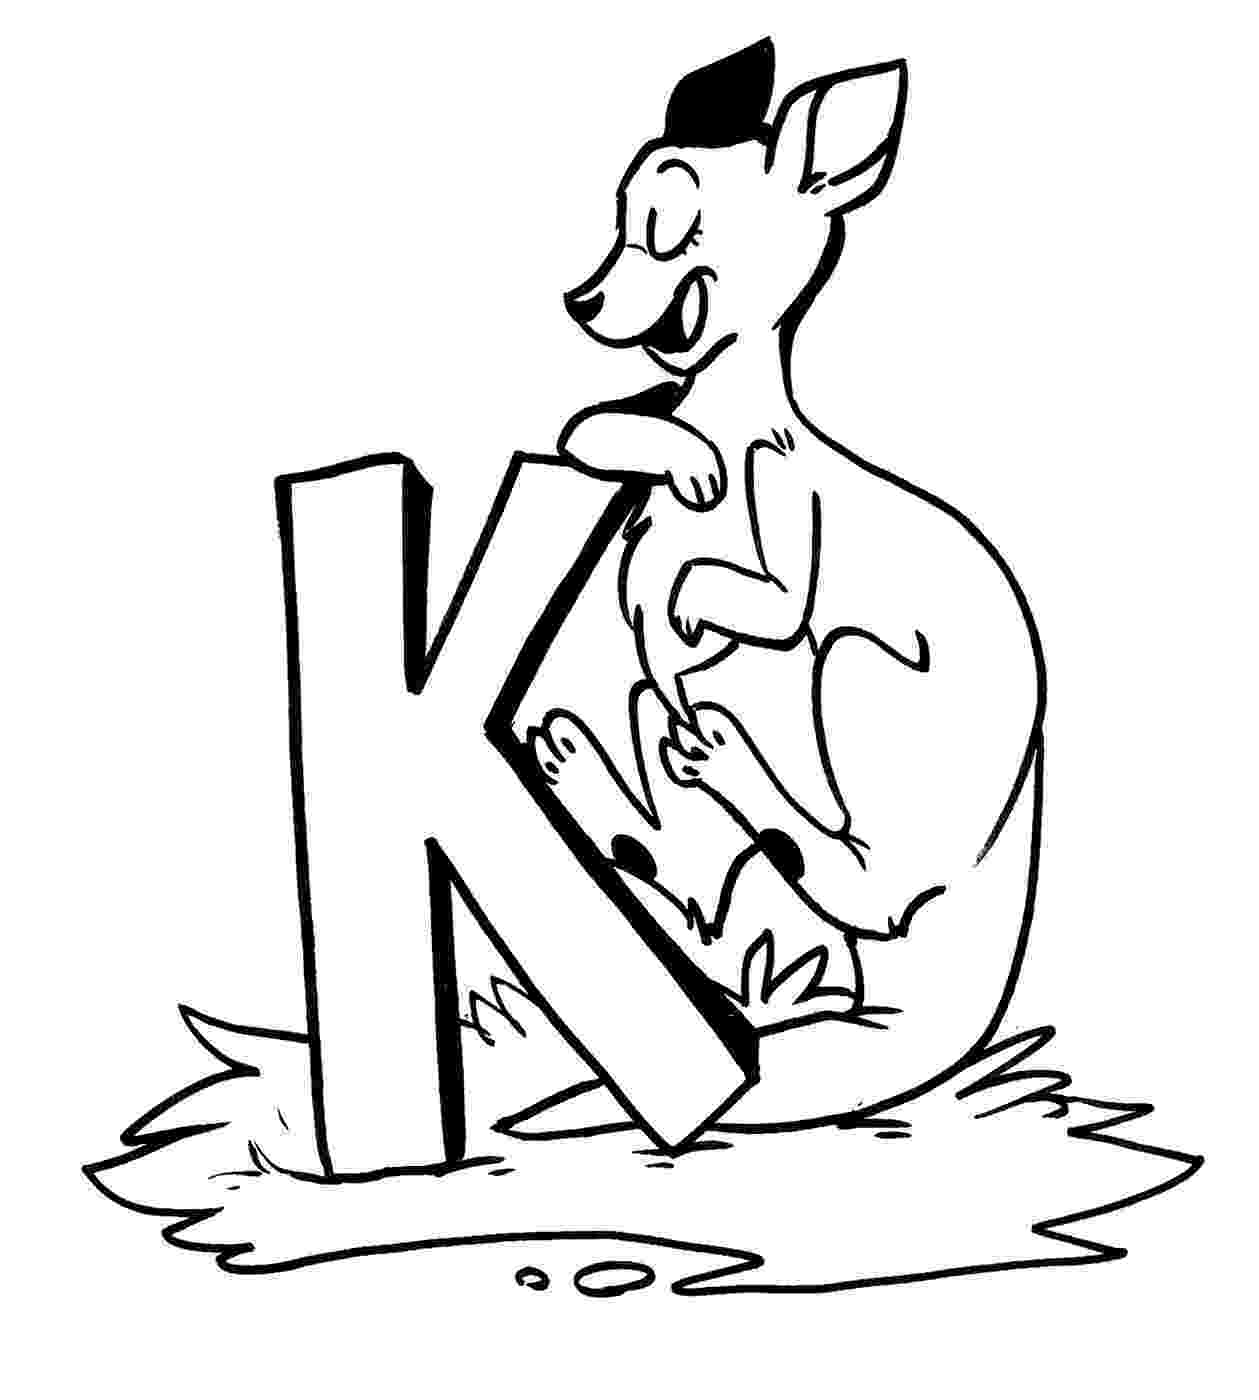 coloring pages kangaroo free kangaroo pic download free clip art free clip art kangaroo pages coloring